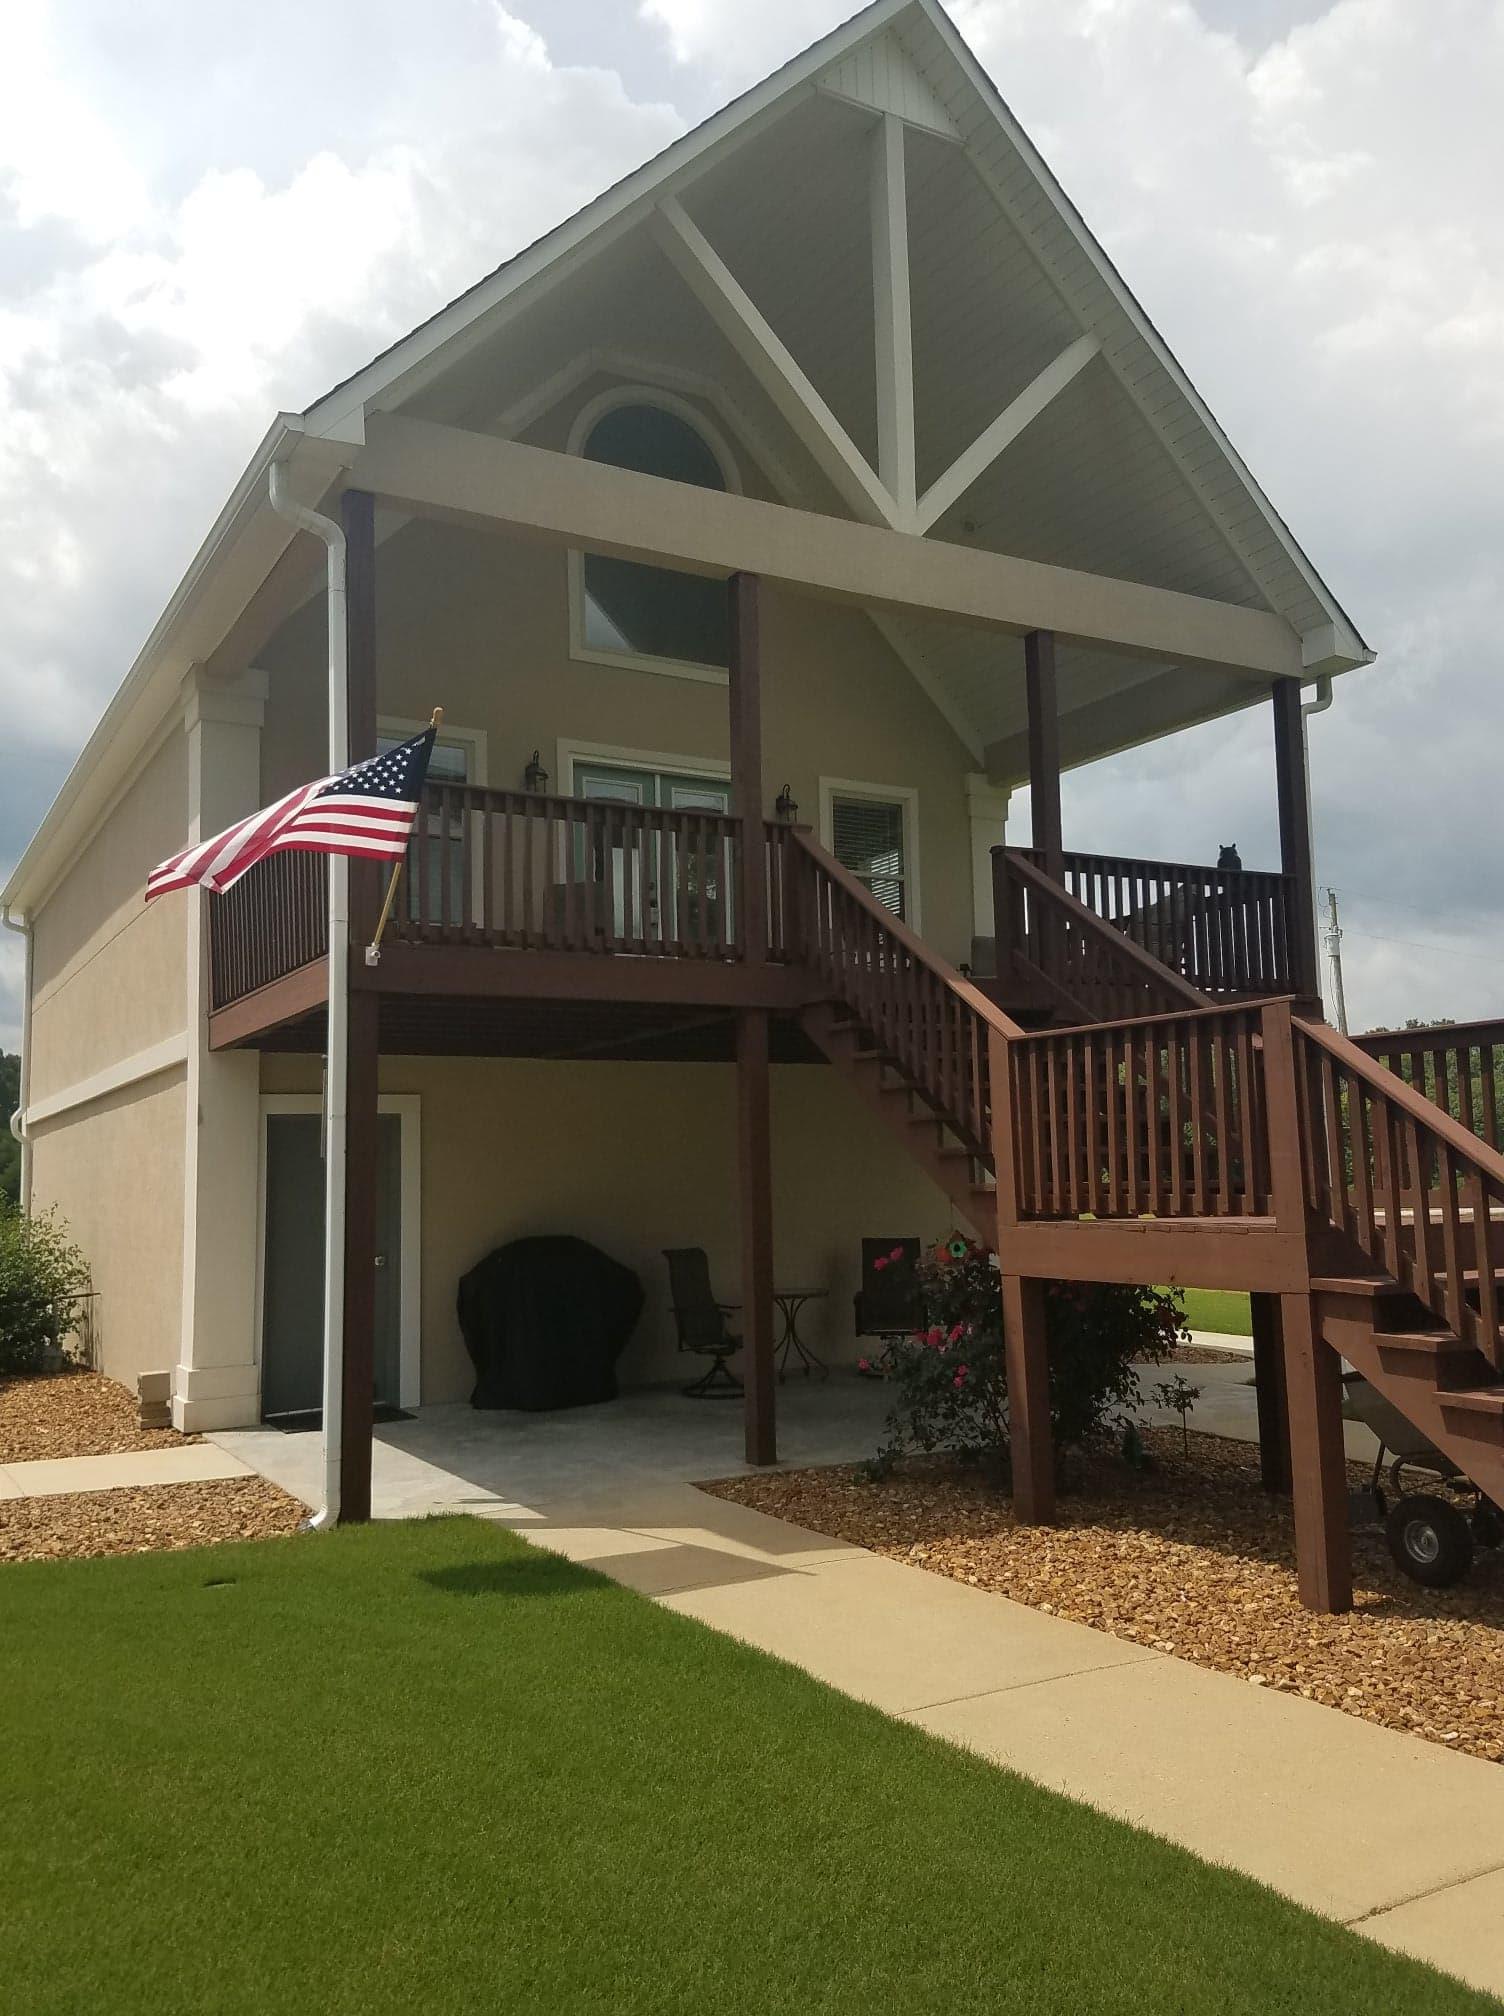 222 Fairway Villa Ln Decaturville, TN 38329